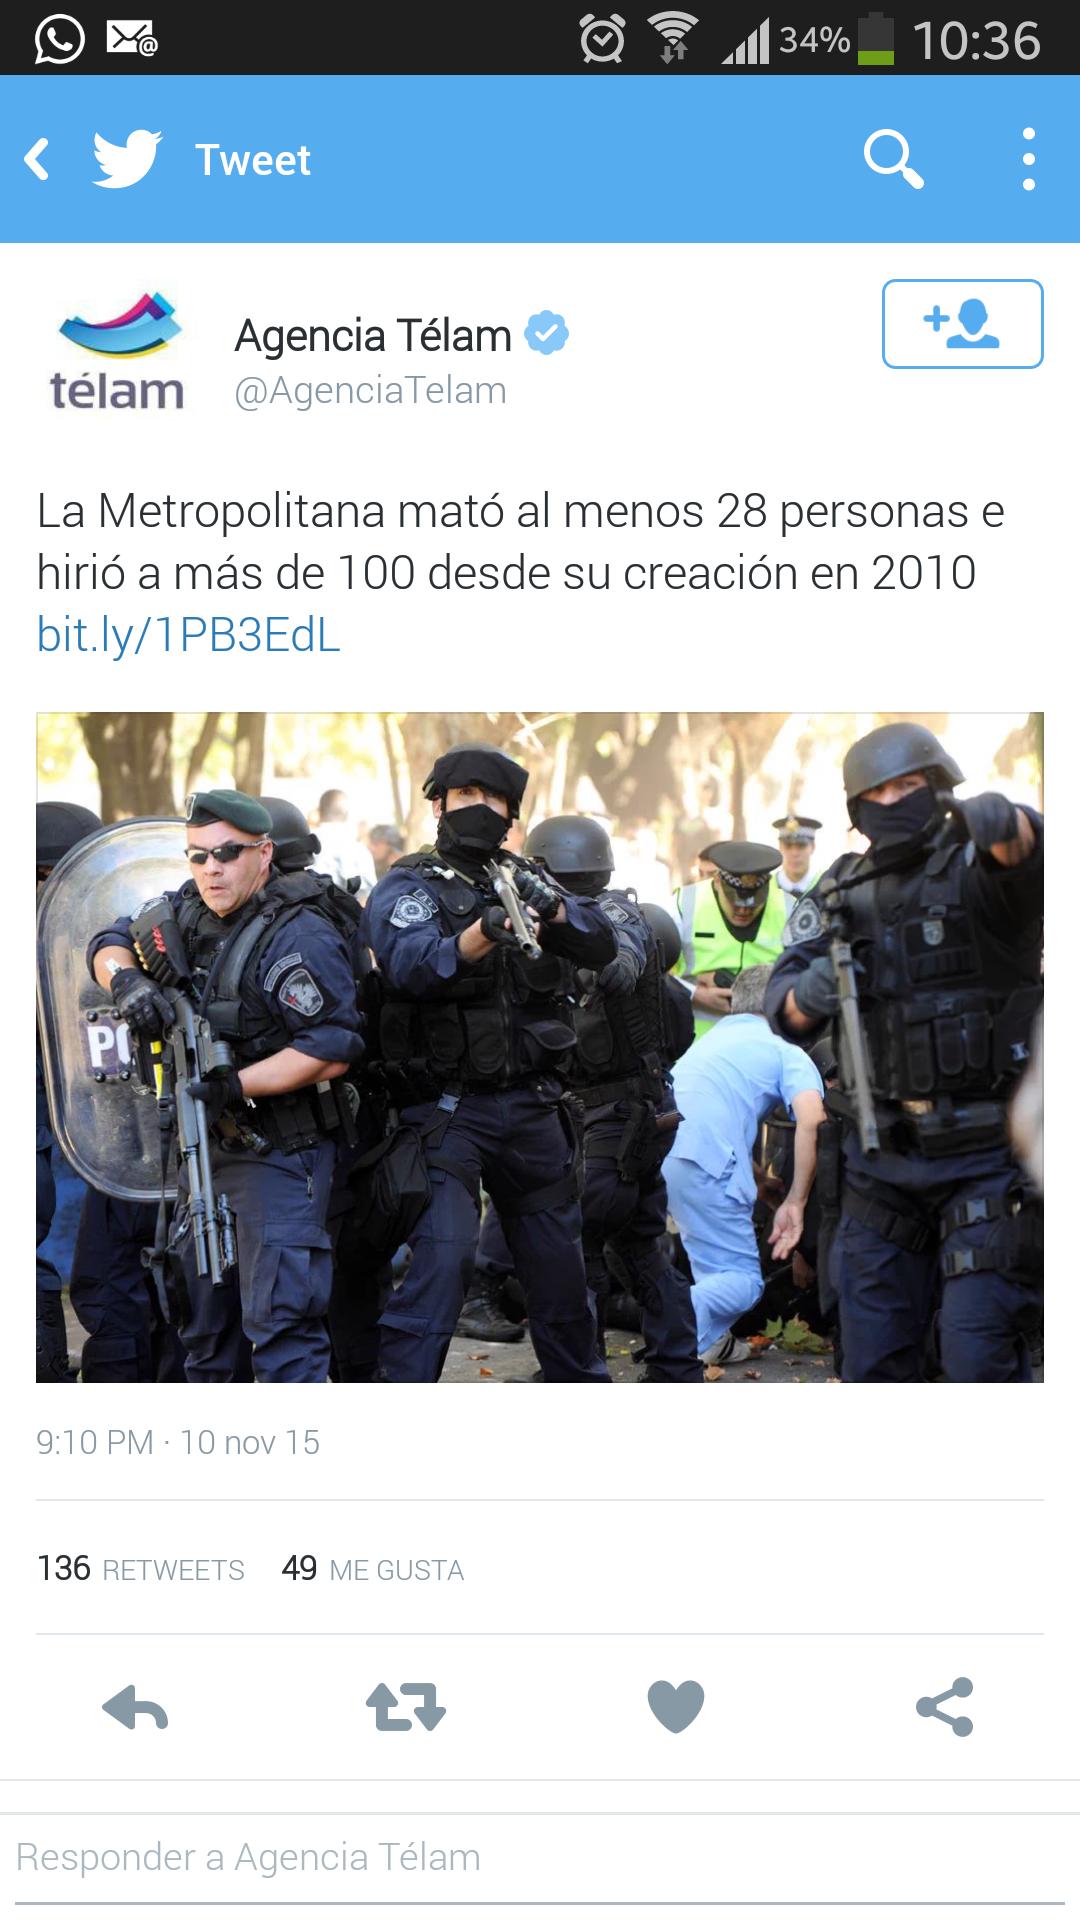 """Télam: """"La Metropolitana mató al menos a 28 personas desde su creación"""""""